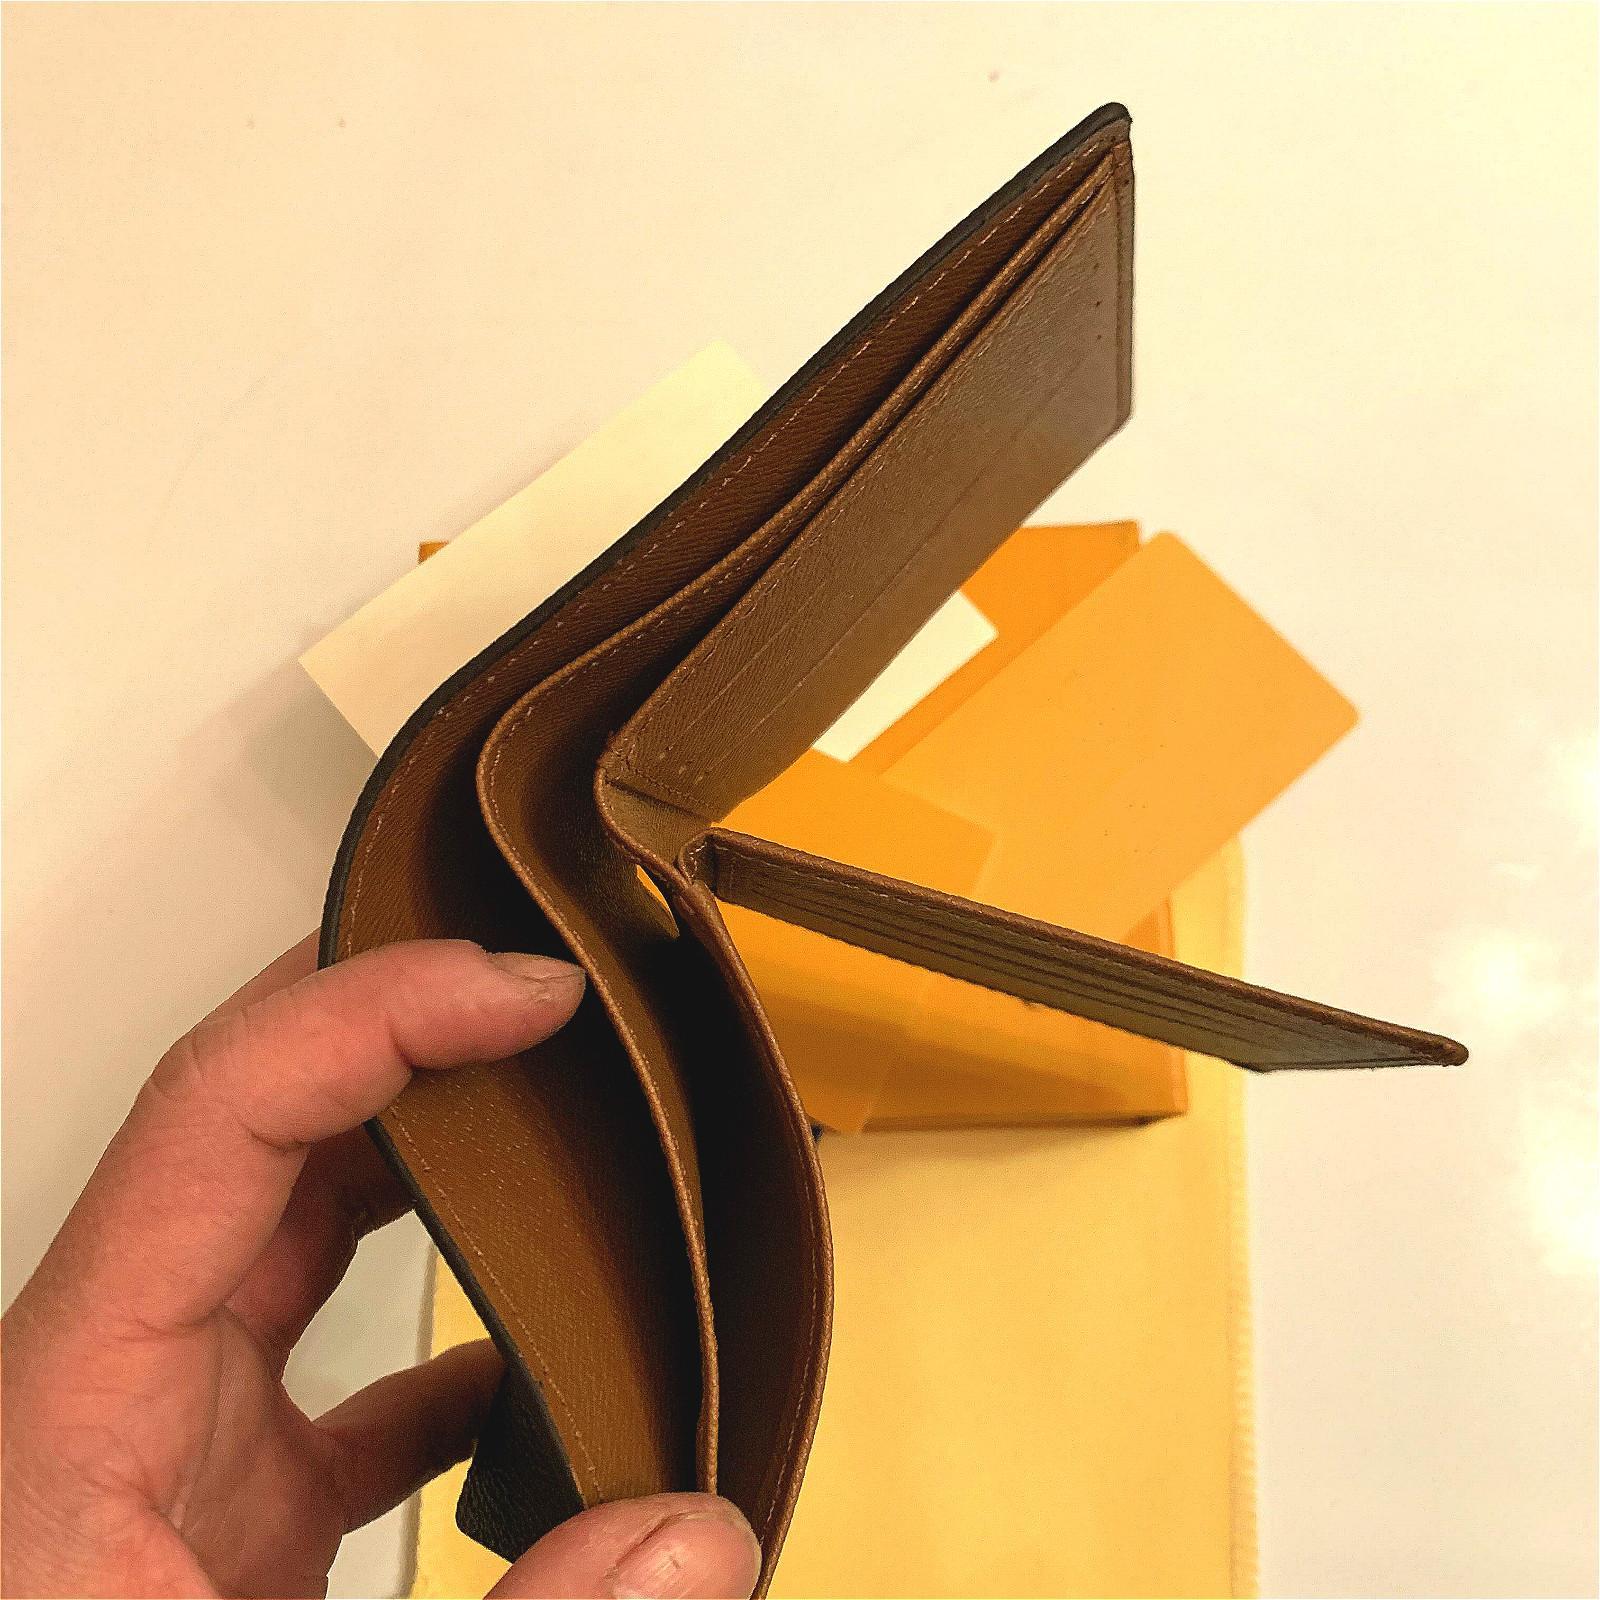 Porte-cartes design portefeuille portefeuilles courtes portefeuille véritable doublure en cuir marron lettre chèque toile multifonction monnaie portefeuille portefeuille de luxe 78